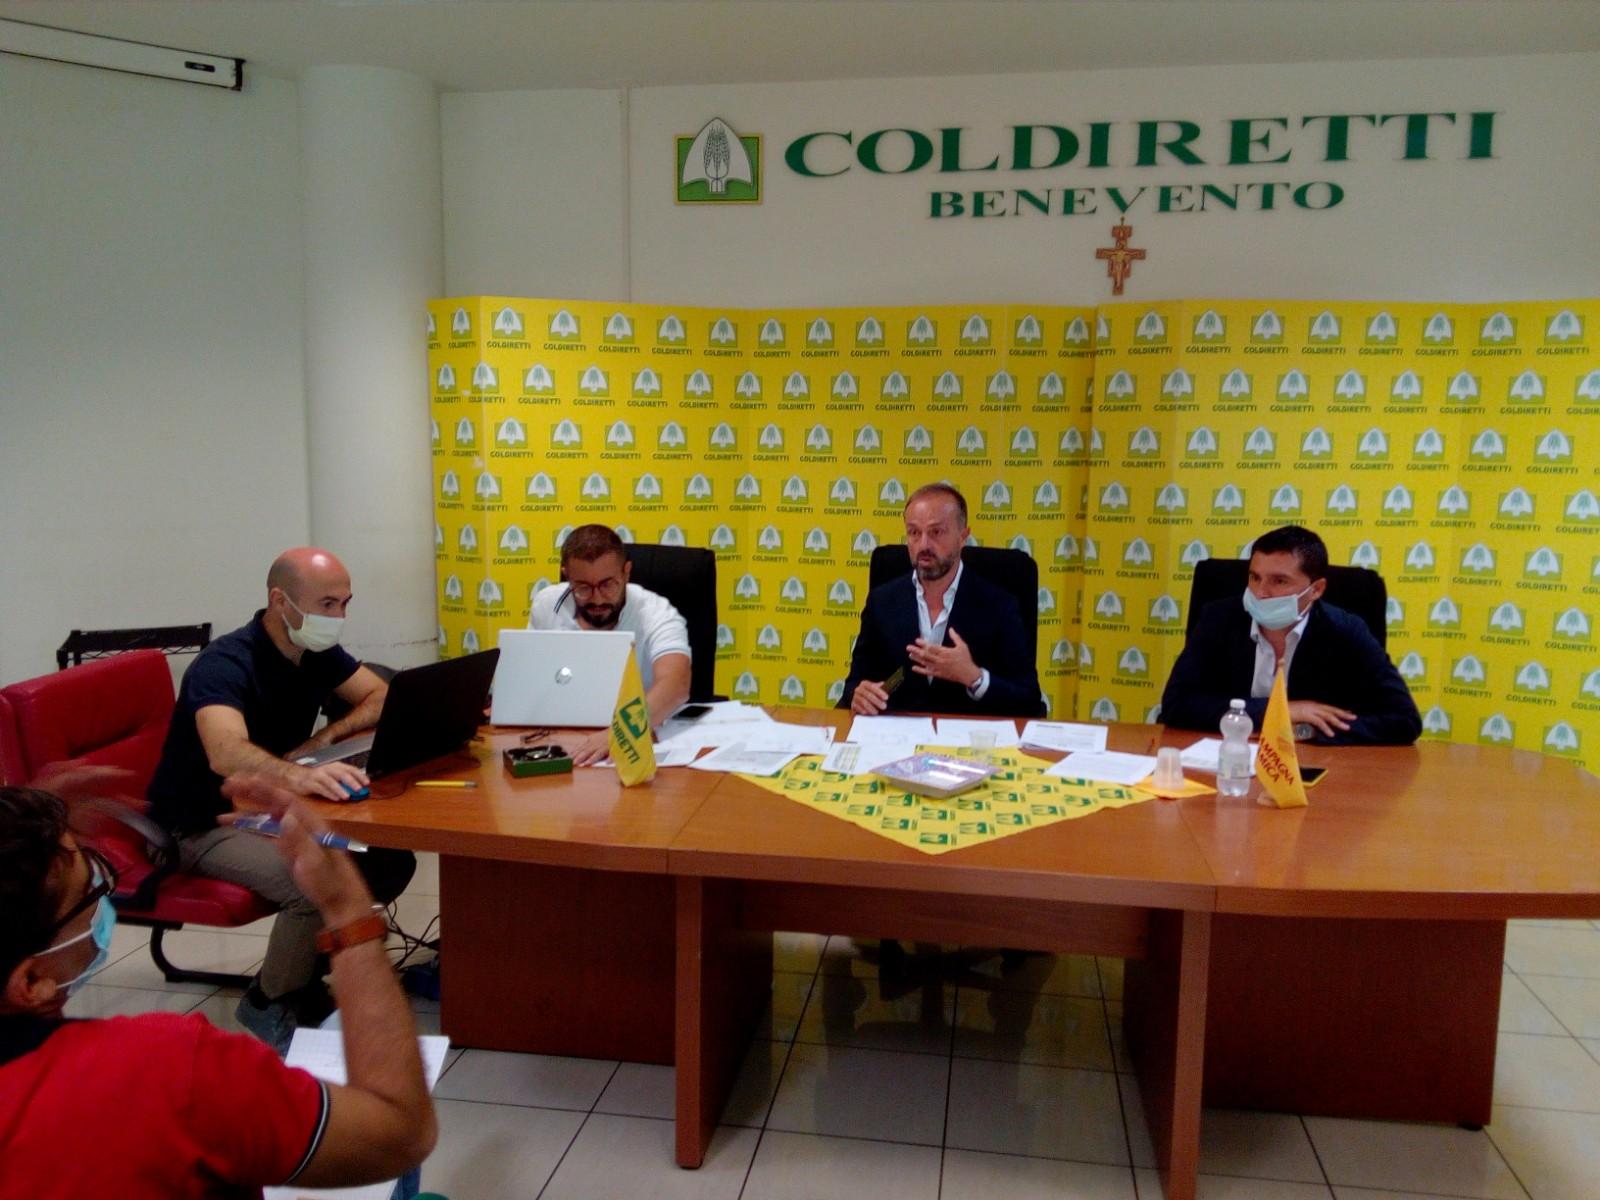 Coldiretti, SOS speculazione sul prezzo dell'uva